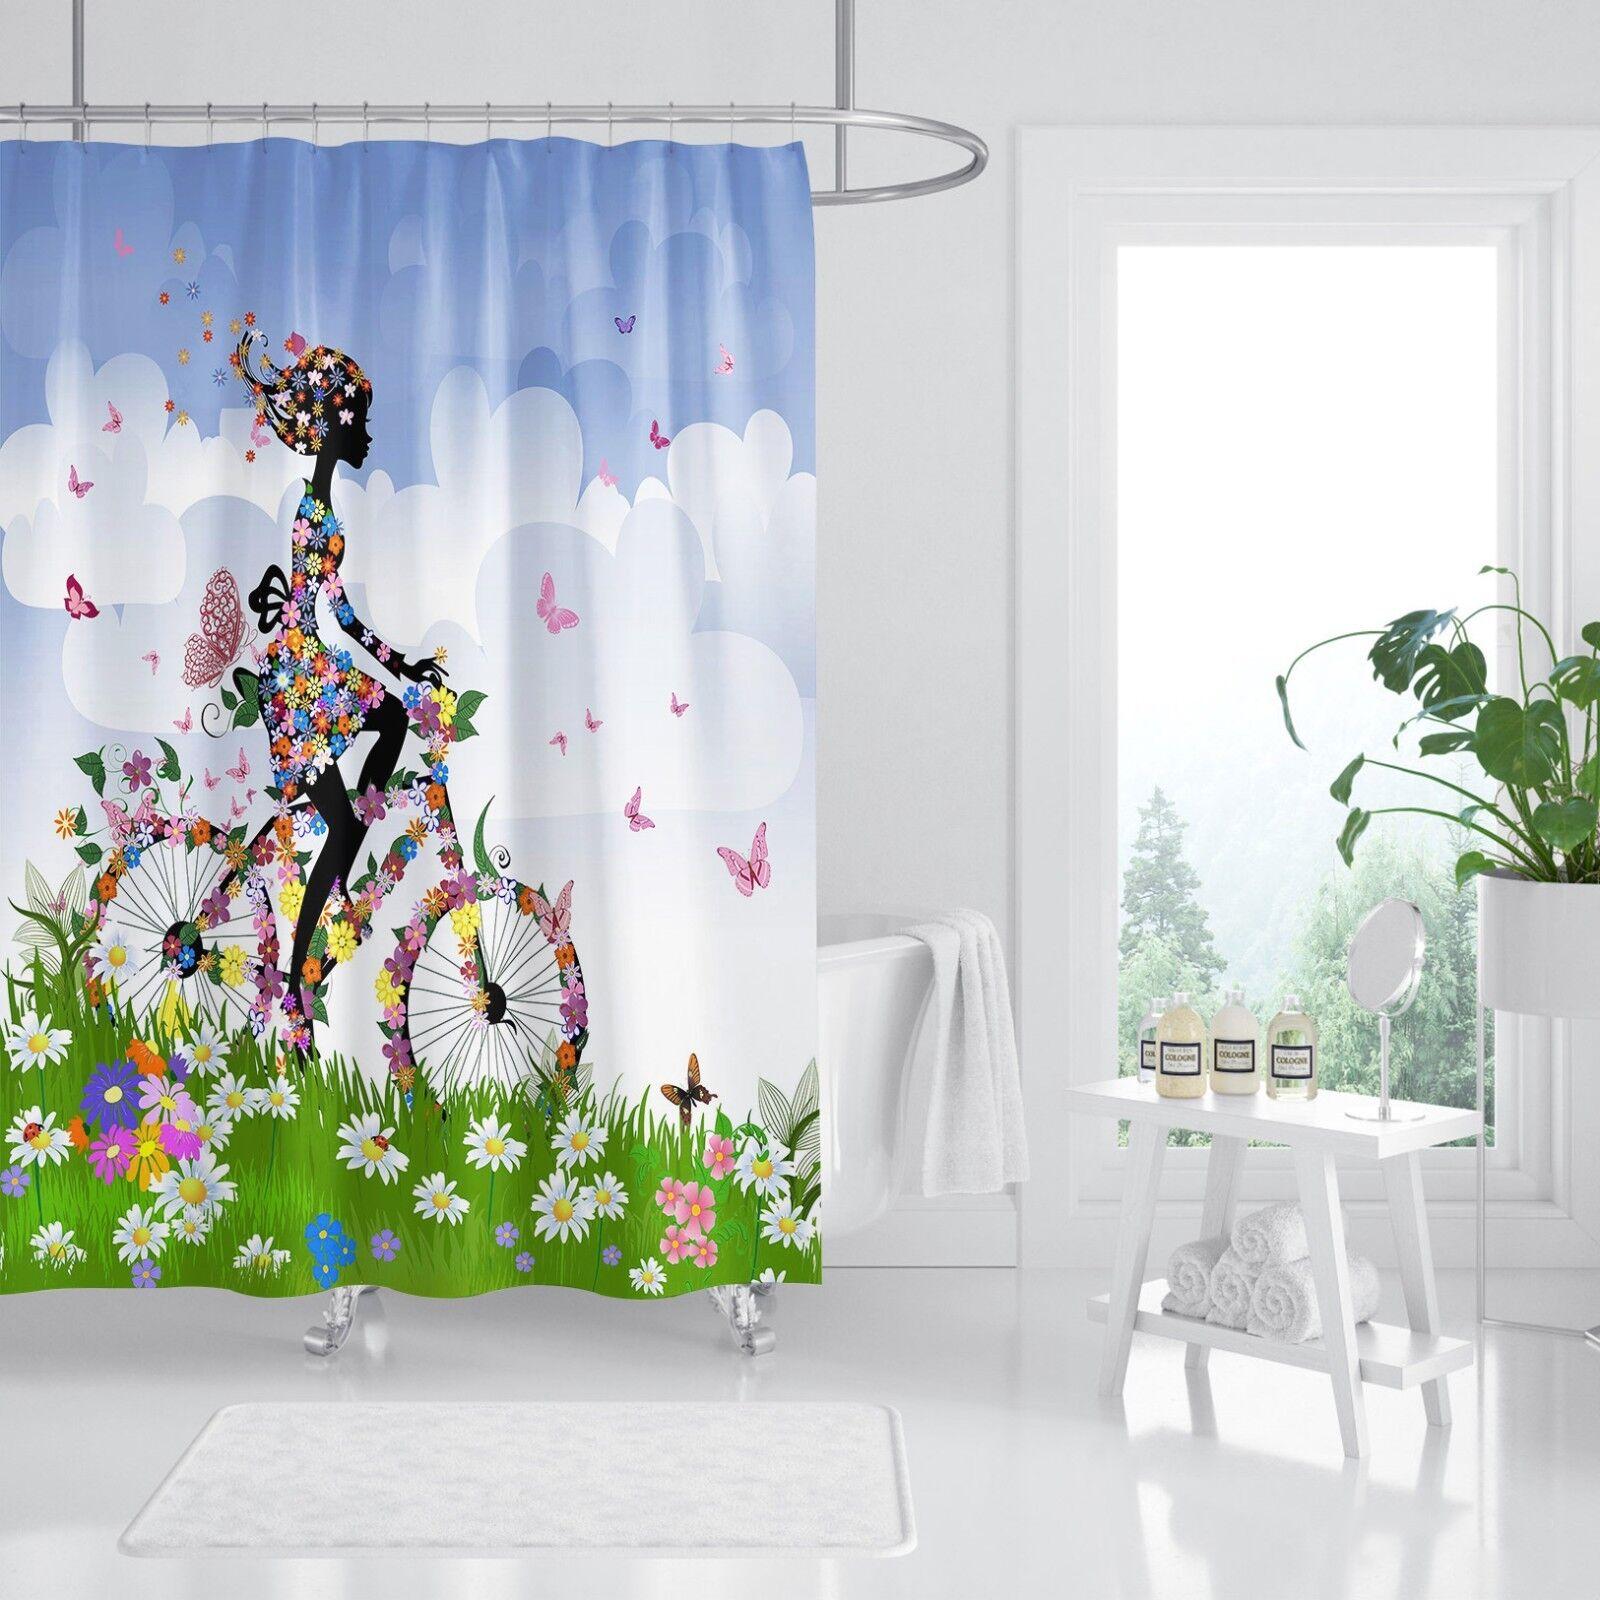 3D Blaume Mädchen 3 Duschvorhang Wasserdicht Faser Bad Daheim Daheim Daheim Windows Toilette DE | Modern  e834dd